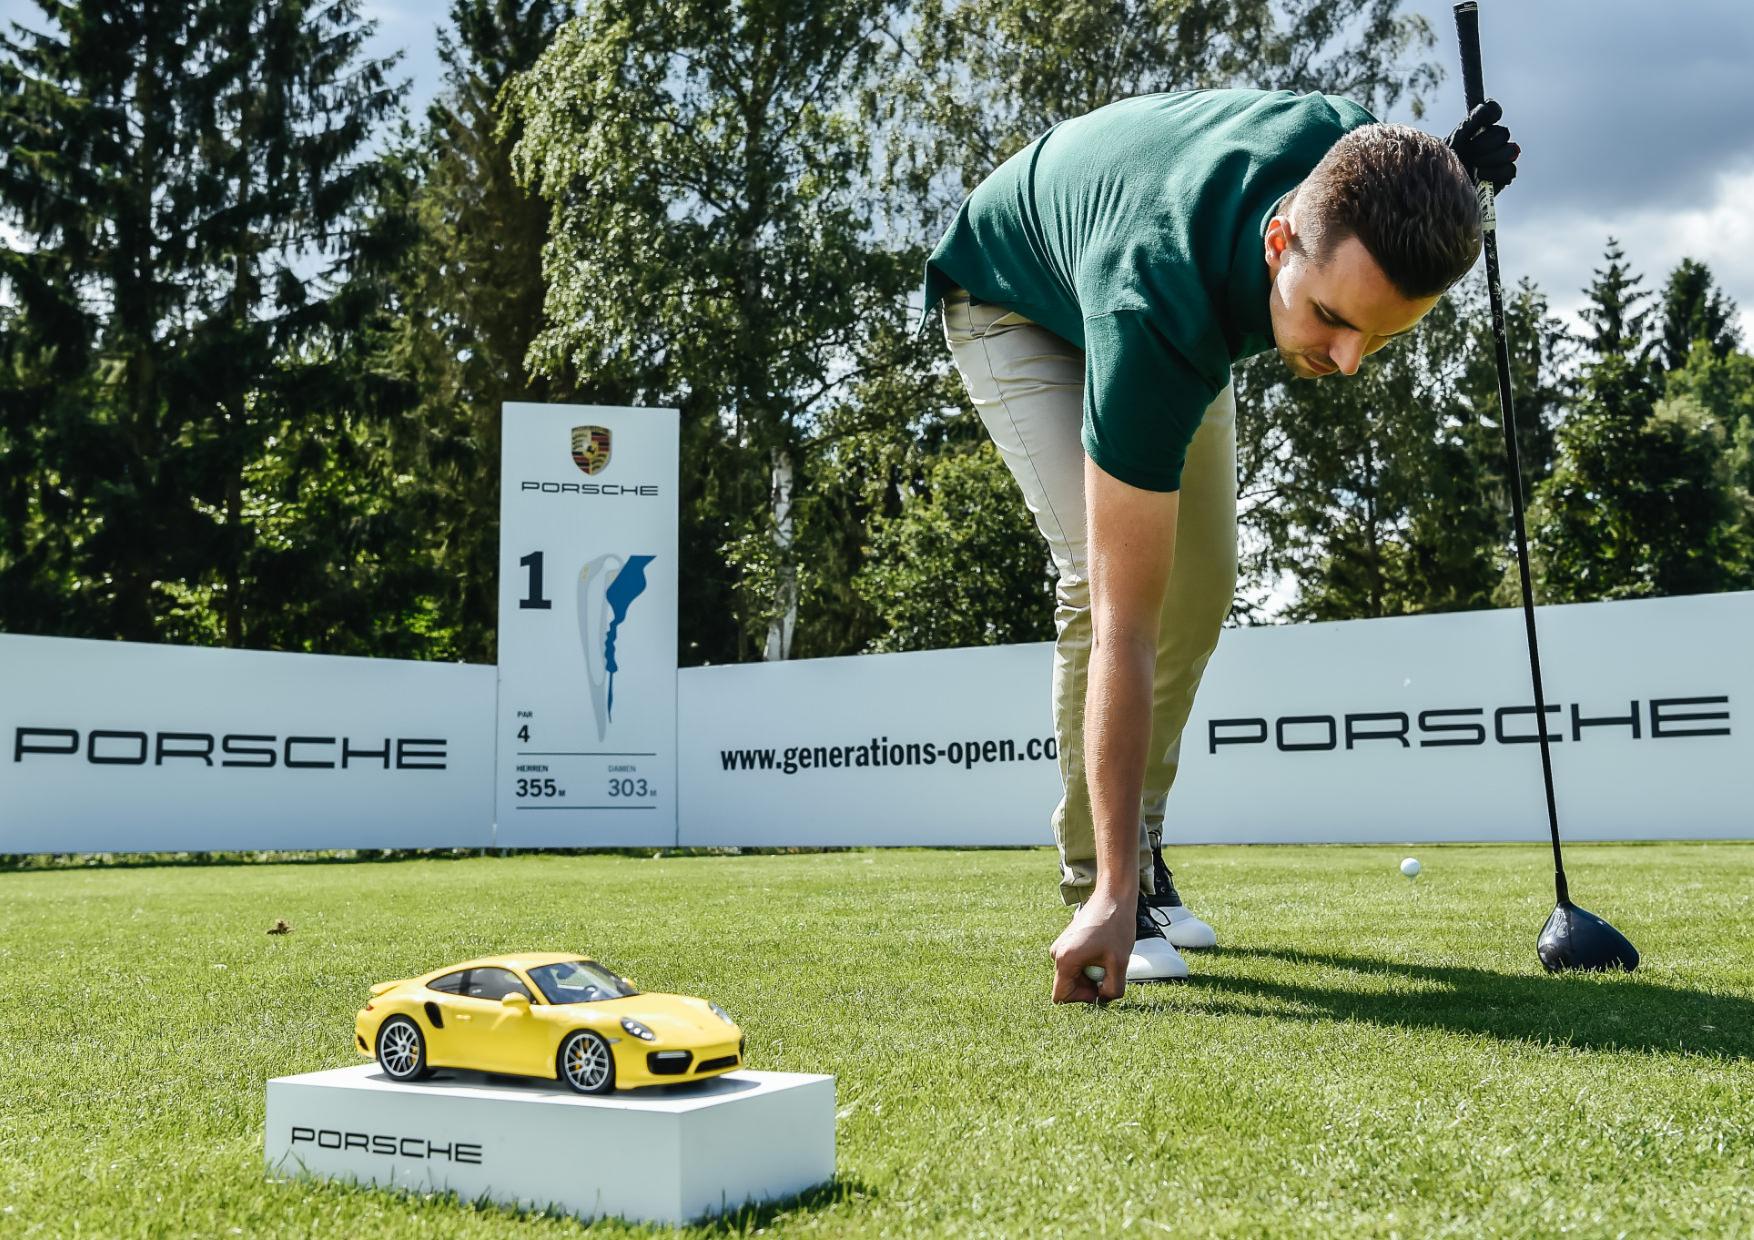 Porsche Generationsopen Golfer Handschlag